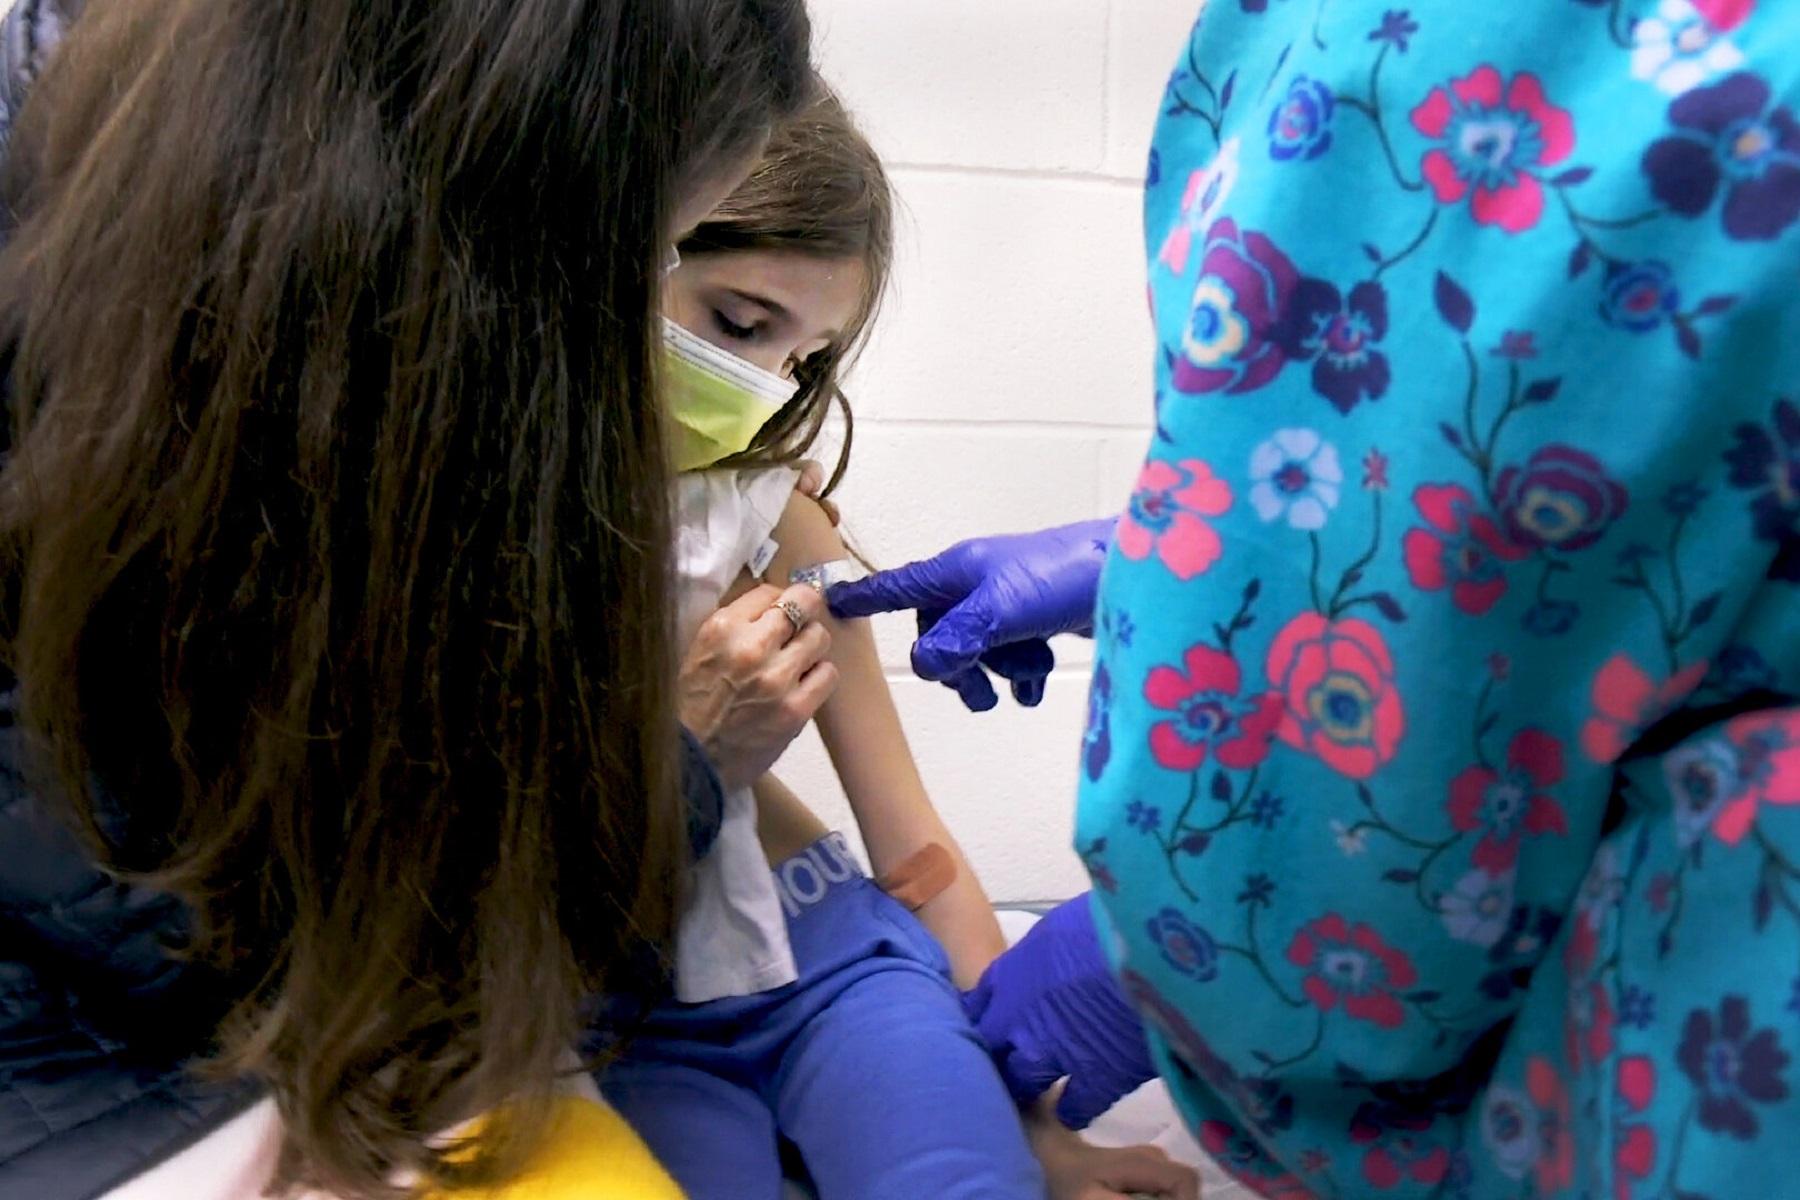 Εμβόλιο Παιδιά: Θα μπορούσαν να βοηθήσουν στην ασφαλή επιστροφή στο σχολείο και τα σπορ